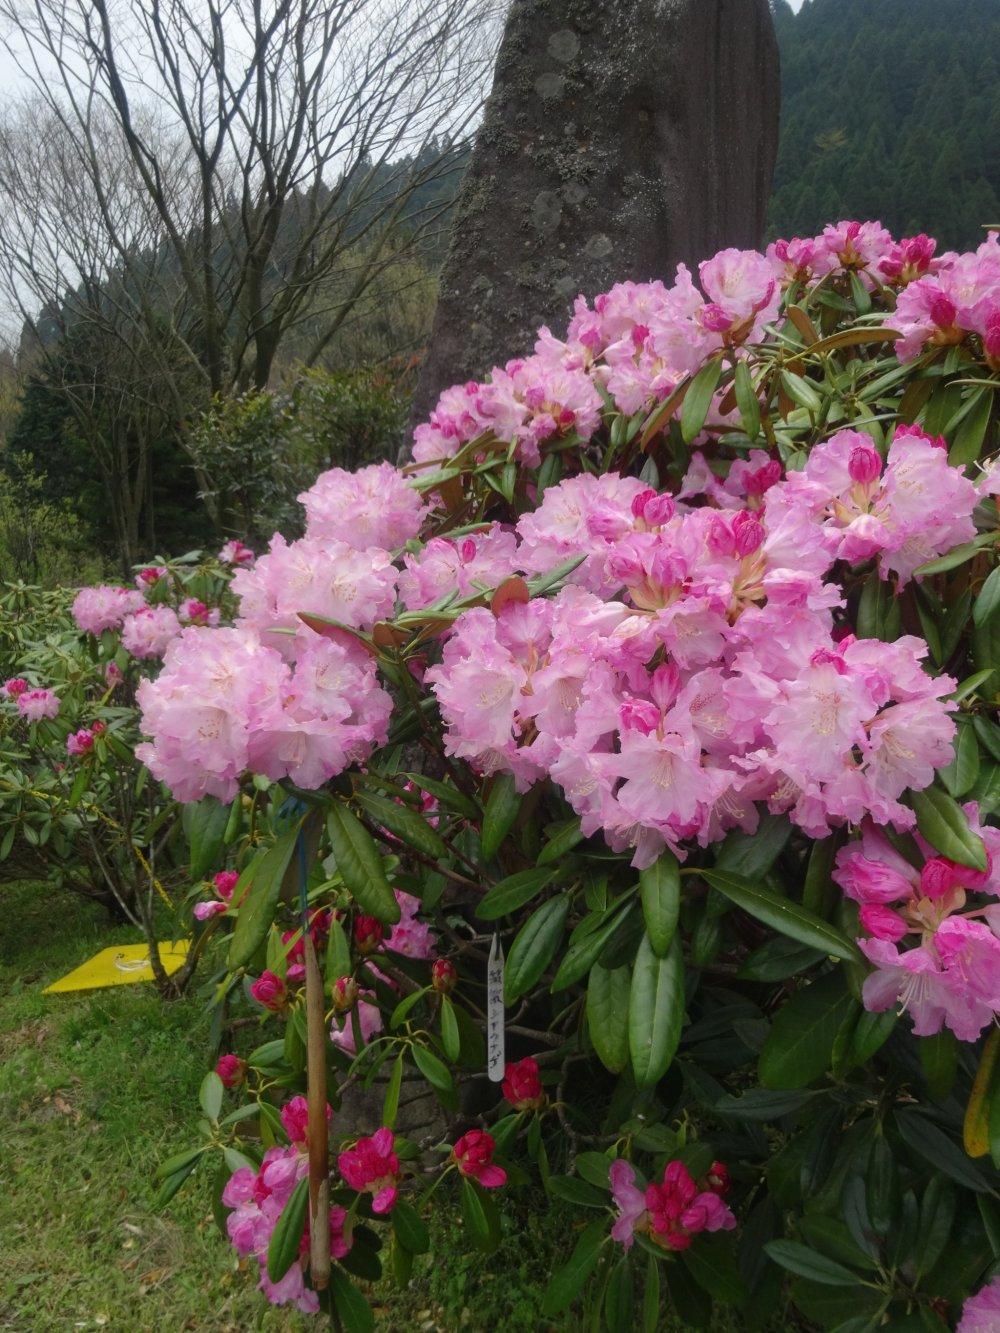 ดอกไม้จะพากันบานในเดินเมษายนและพฤษภาคม